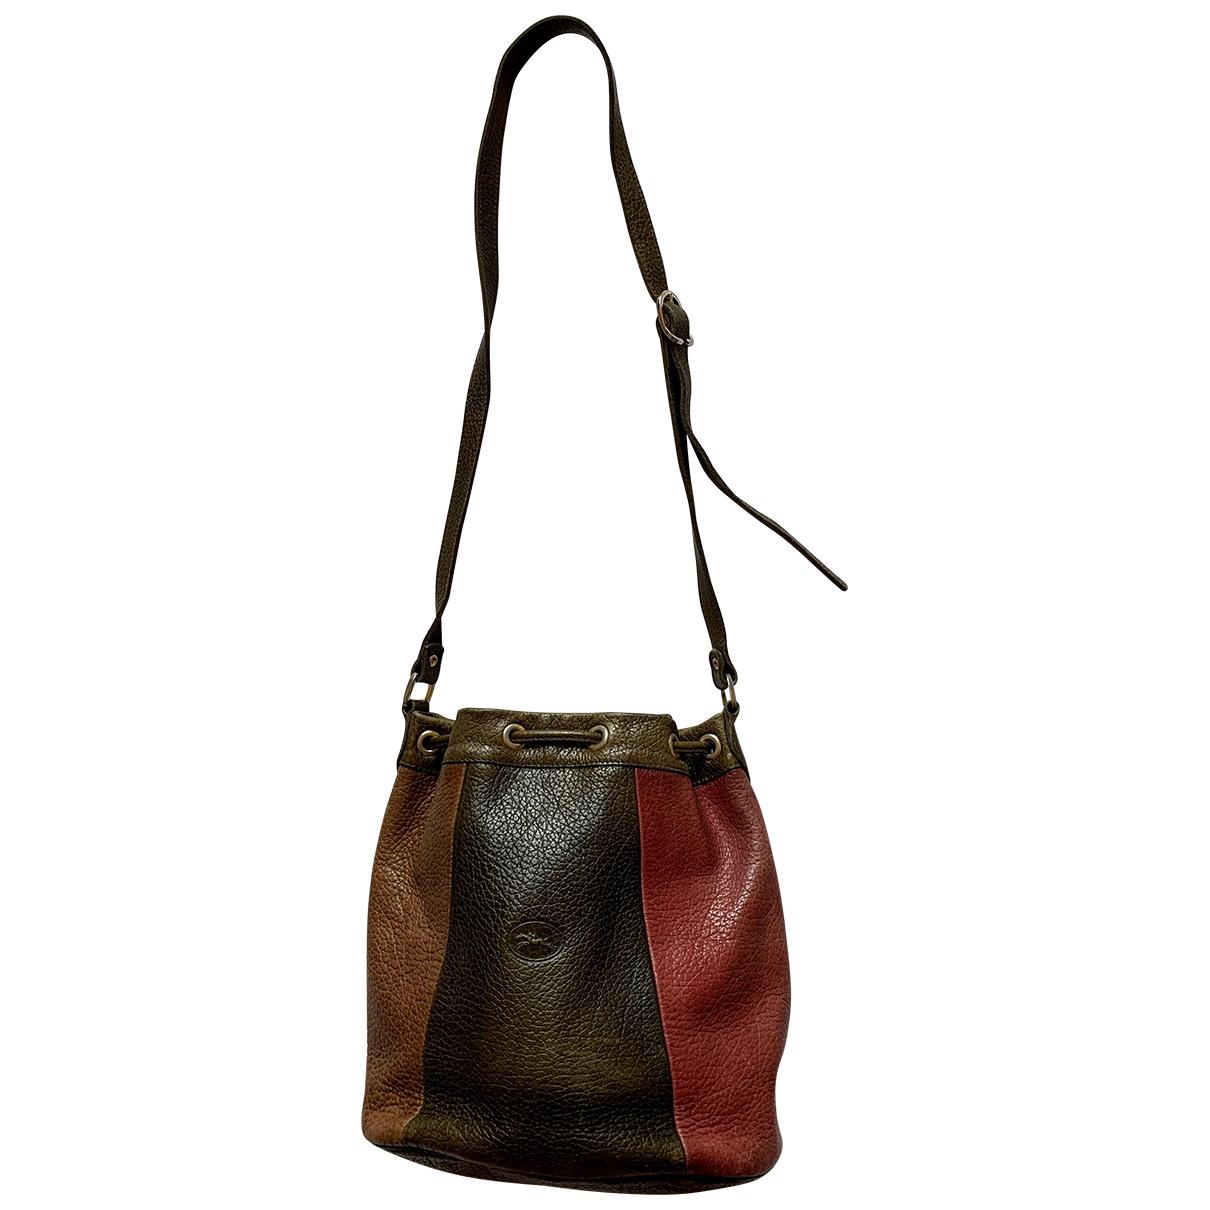 Longchamp - Sac a main   pour femme en cuir